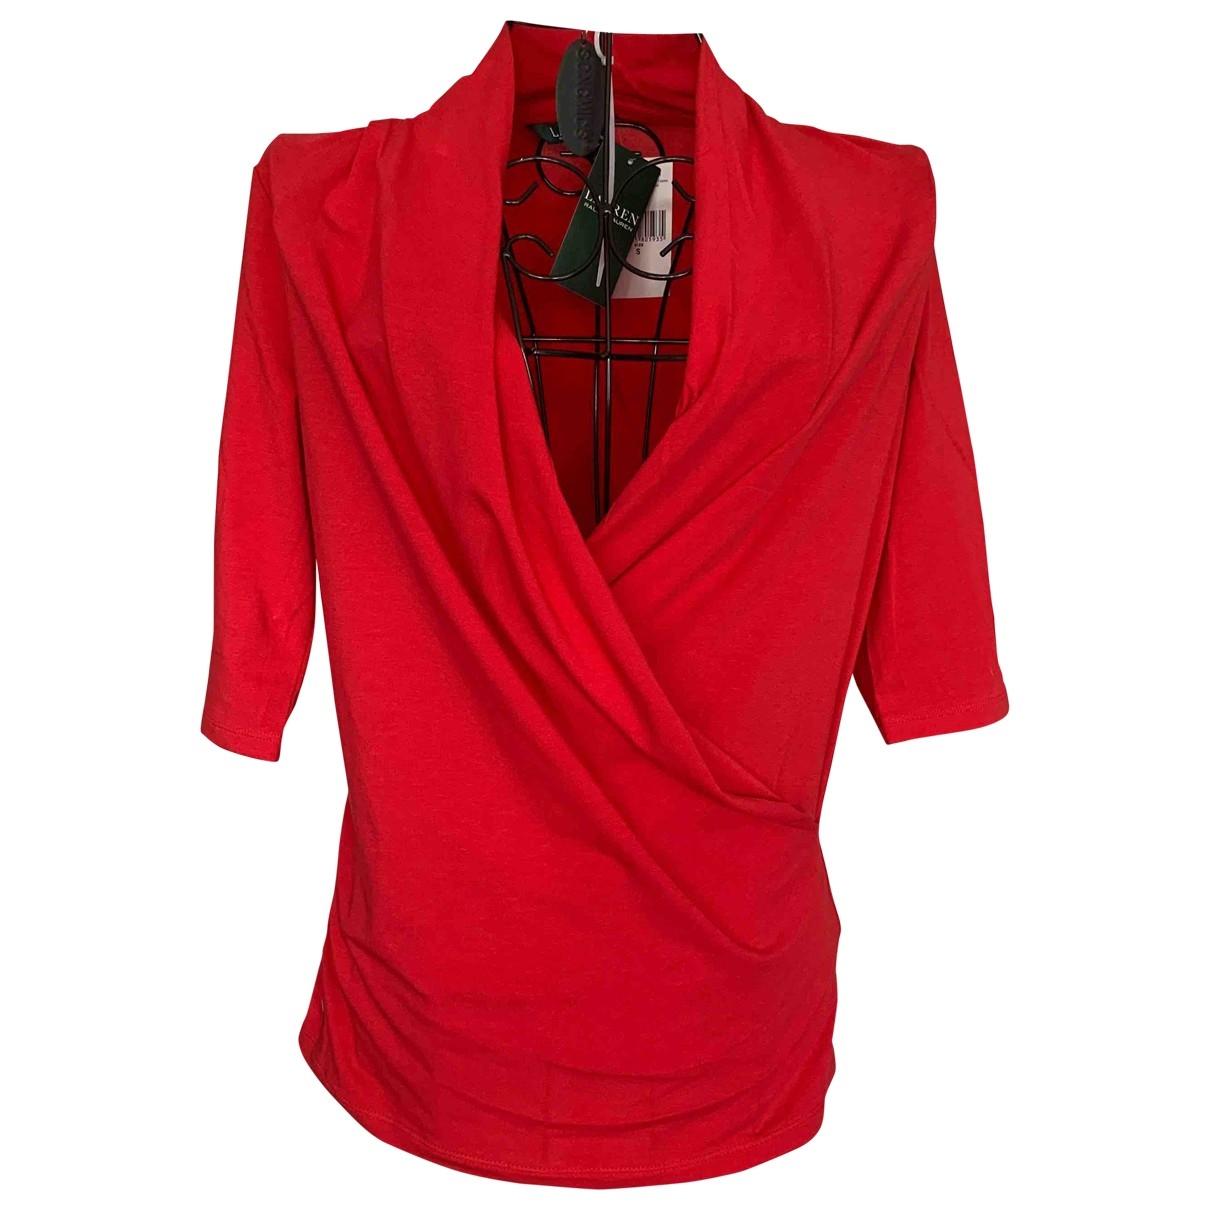 Lauren Ralph Lauren \N Red Cotton  top for Women S International